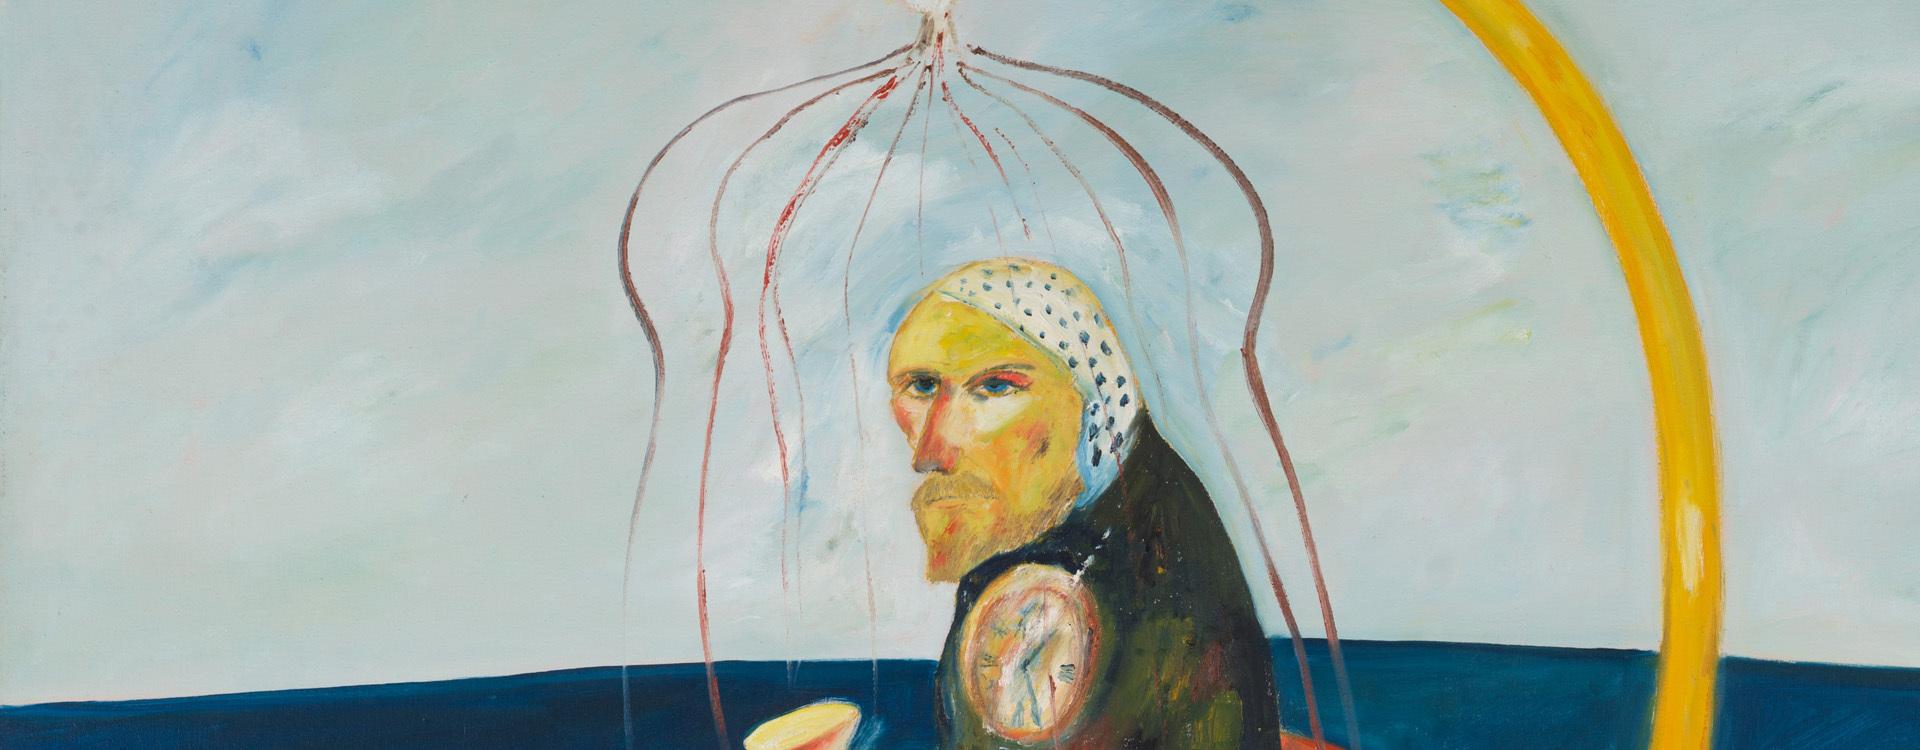 Caged Cockenzie Man